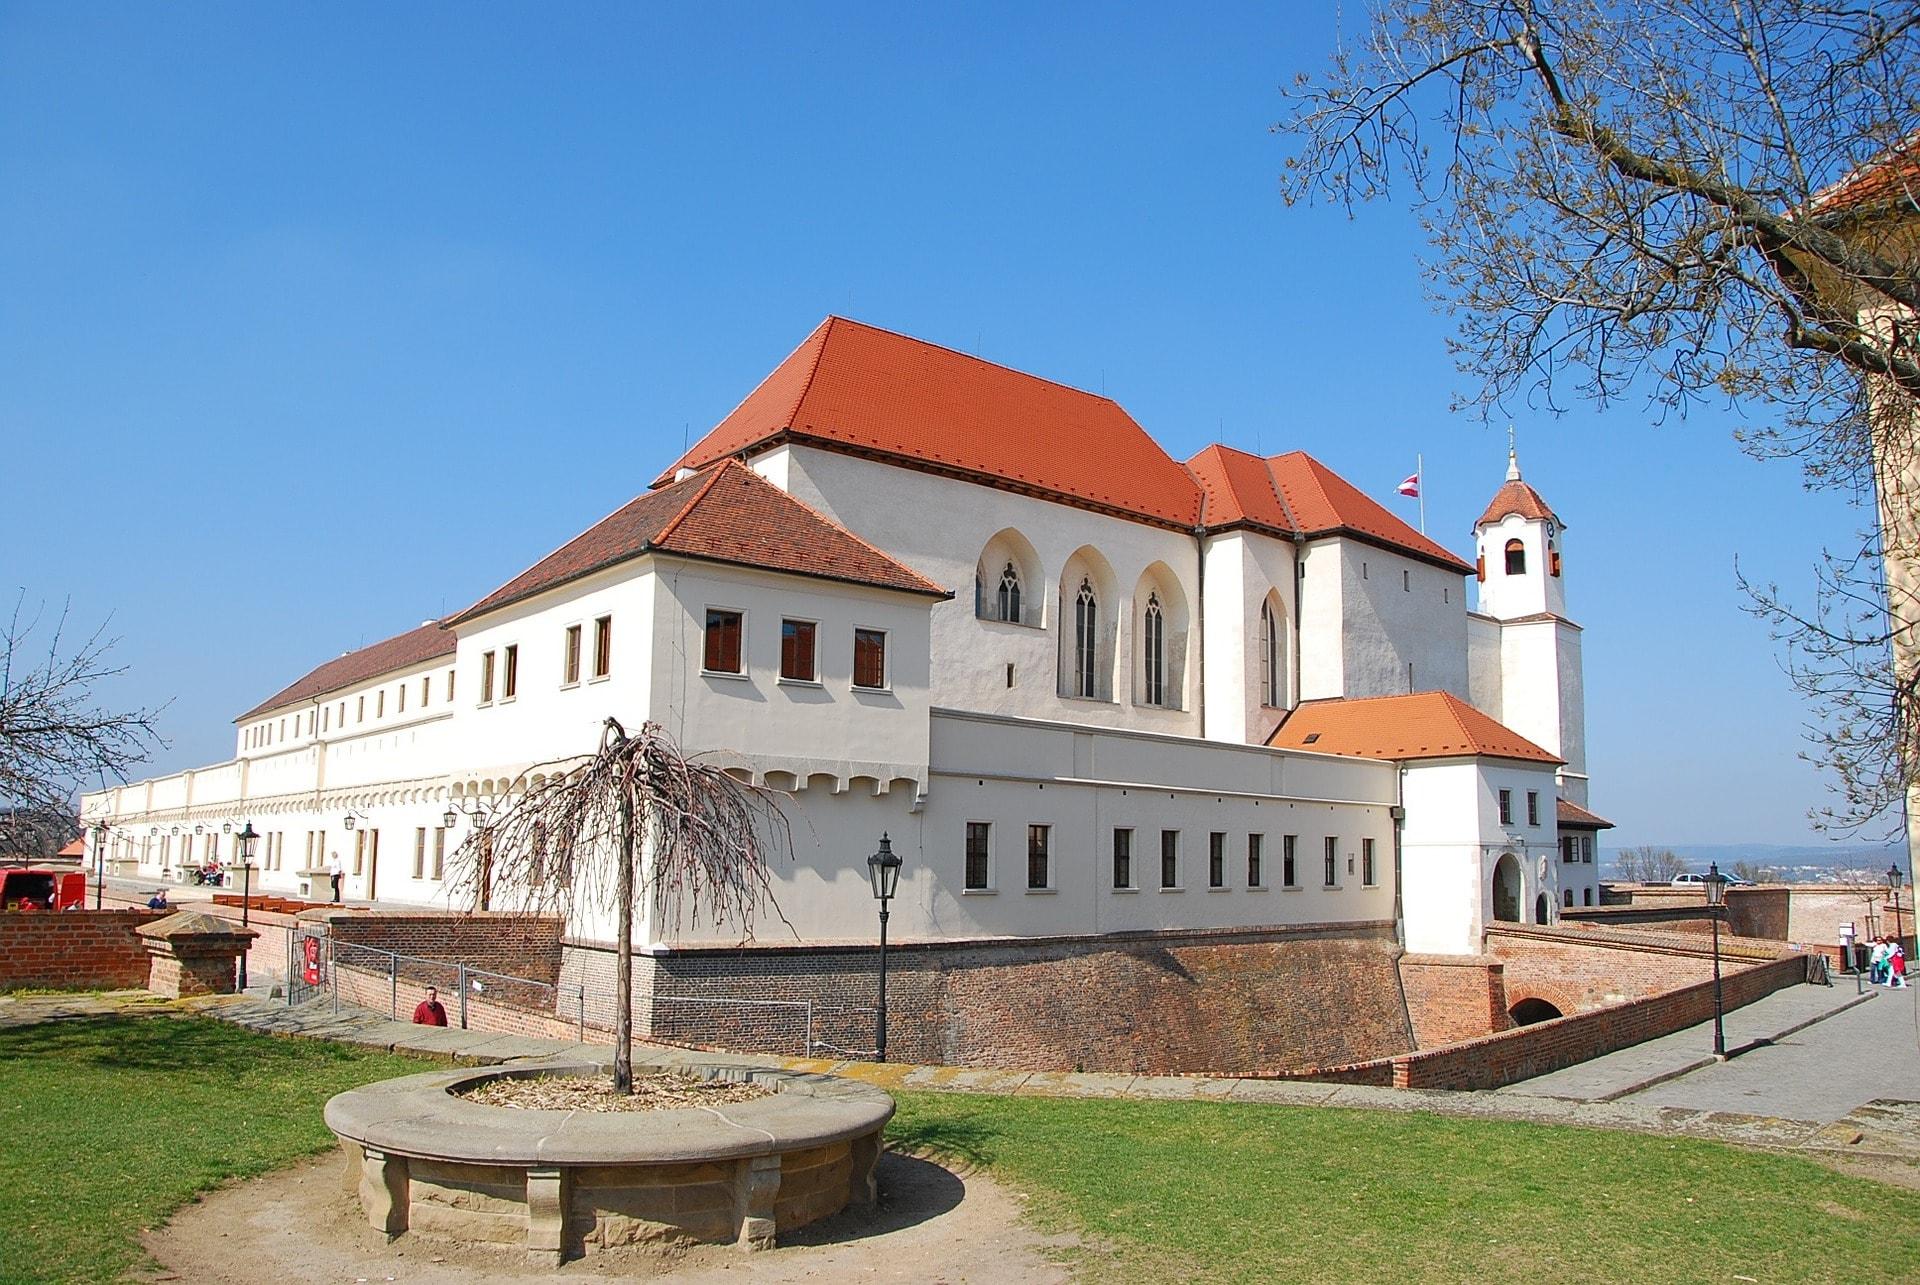 fortress-558673_1920-min